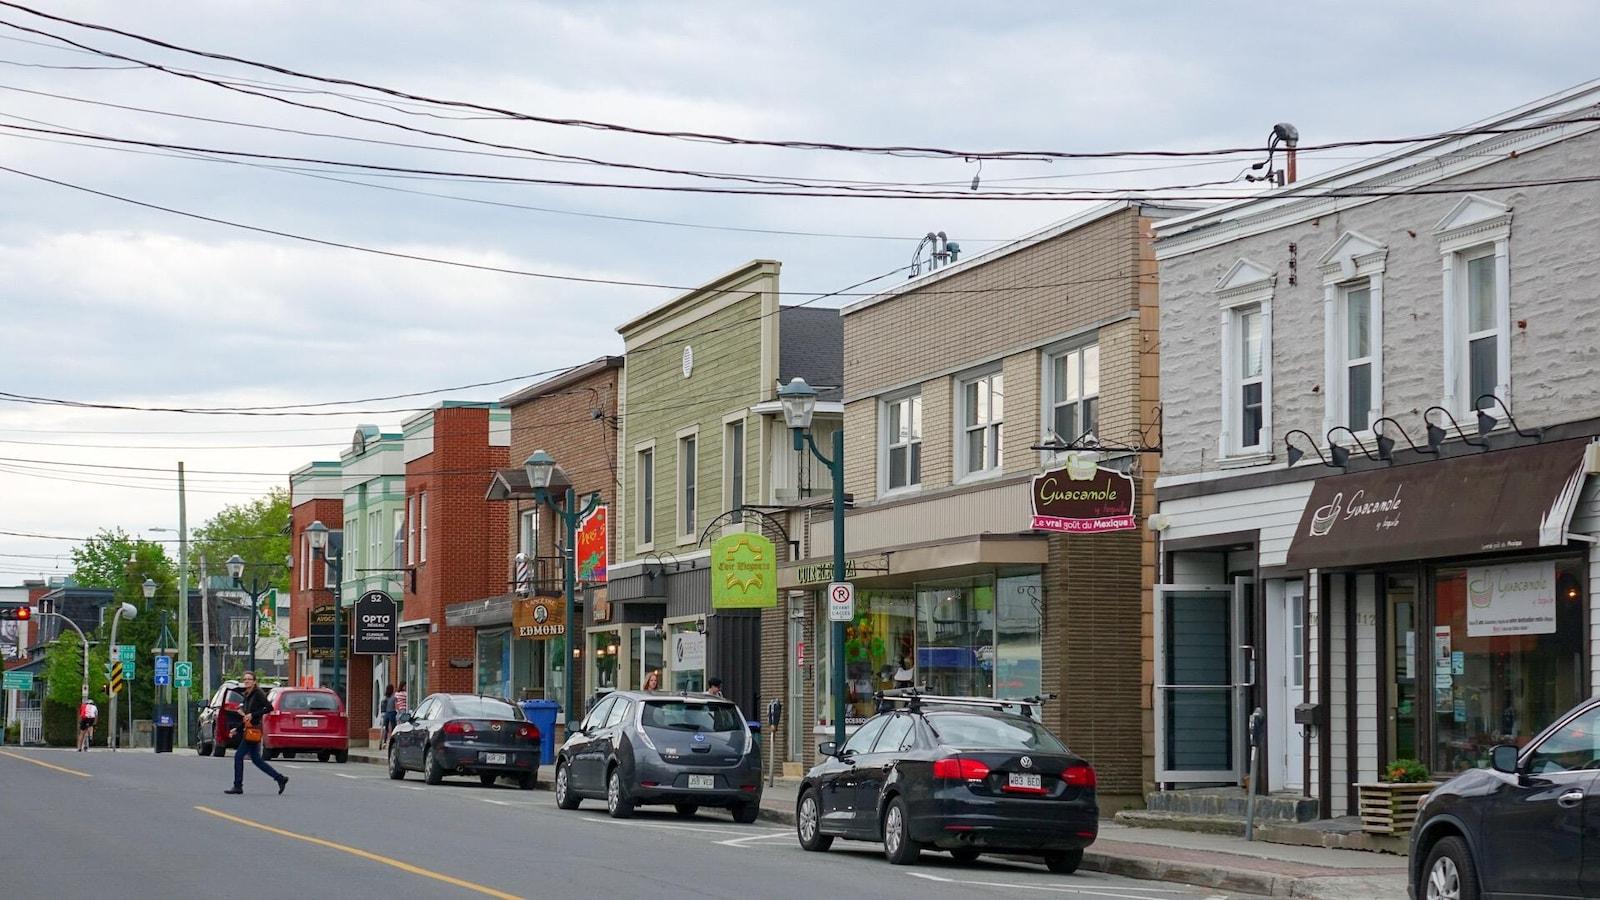 Image de commerces situés sur la rue principale à Magog